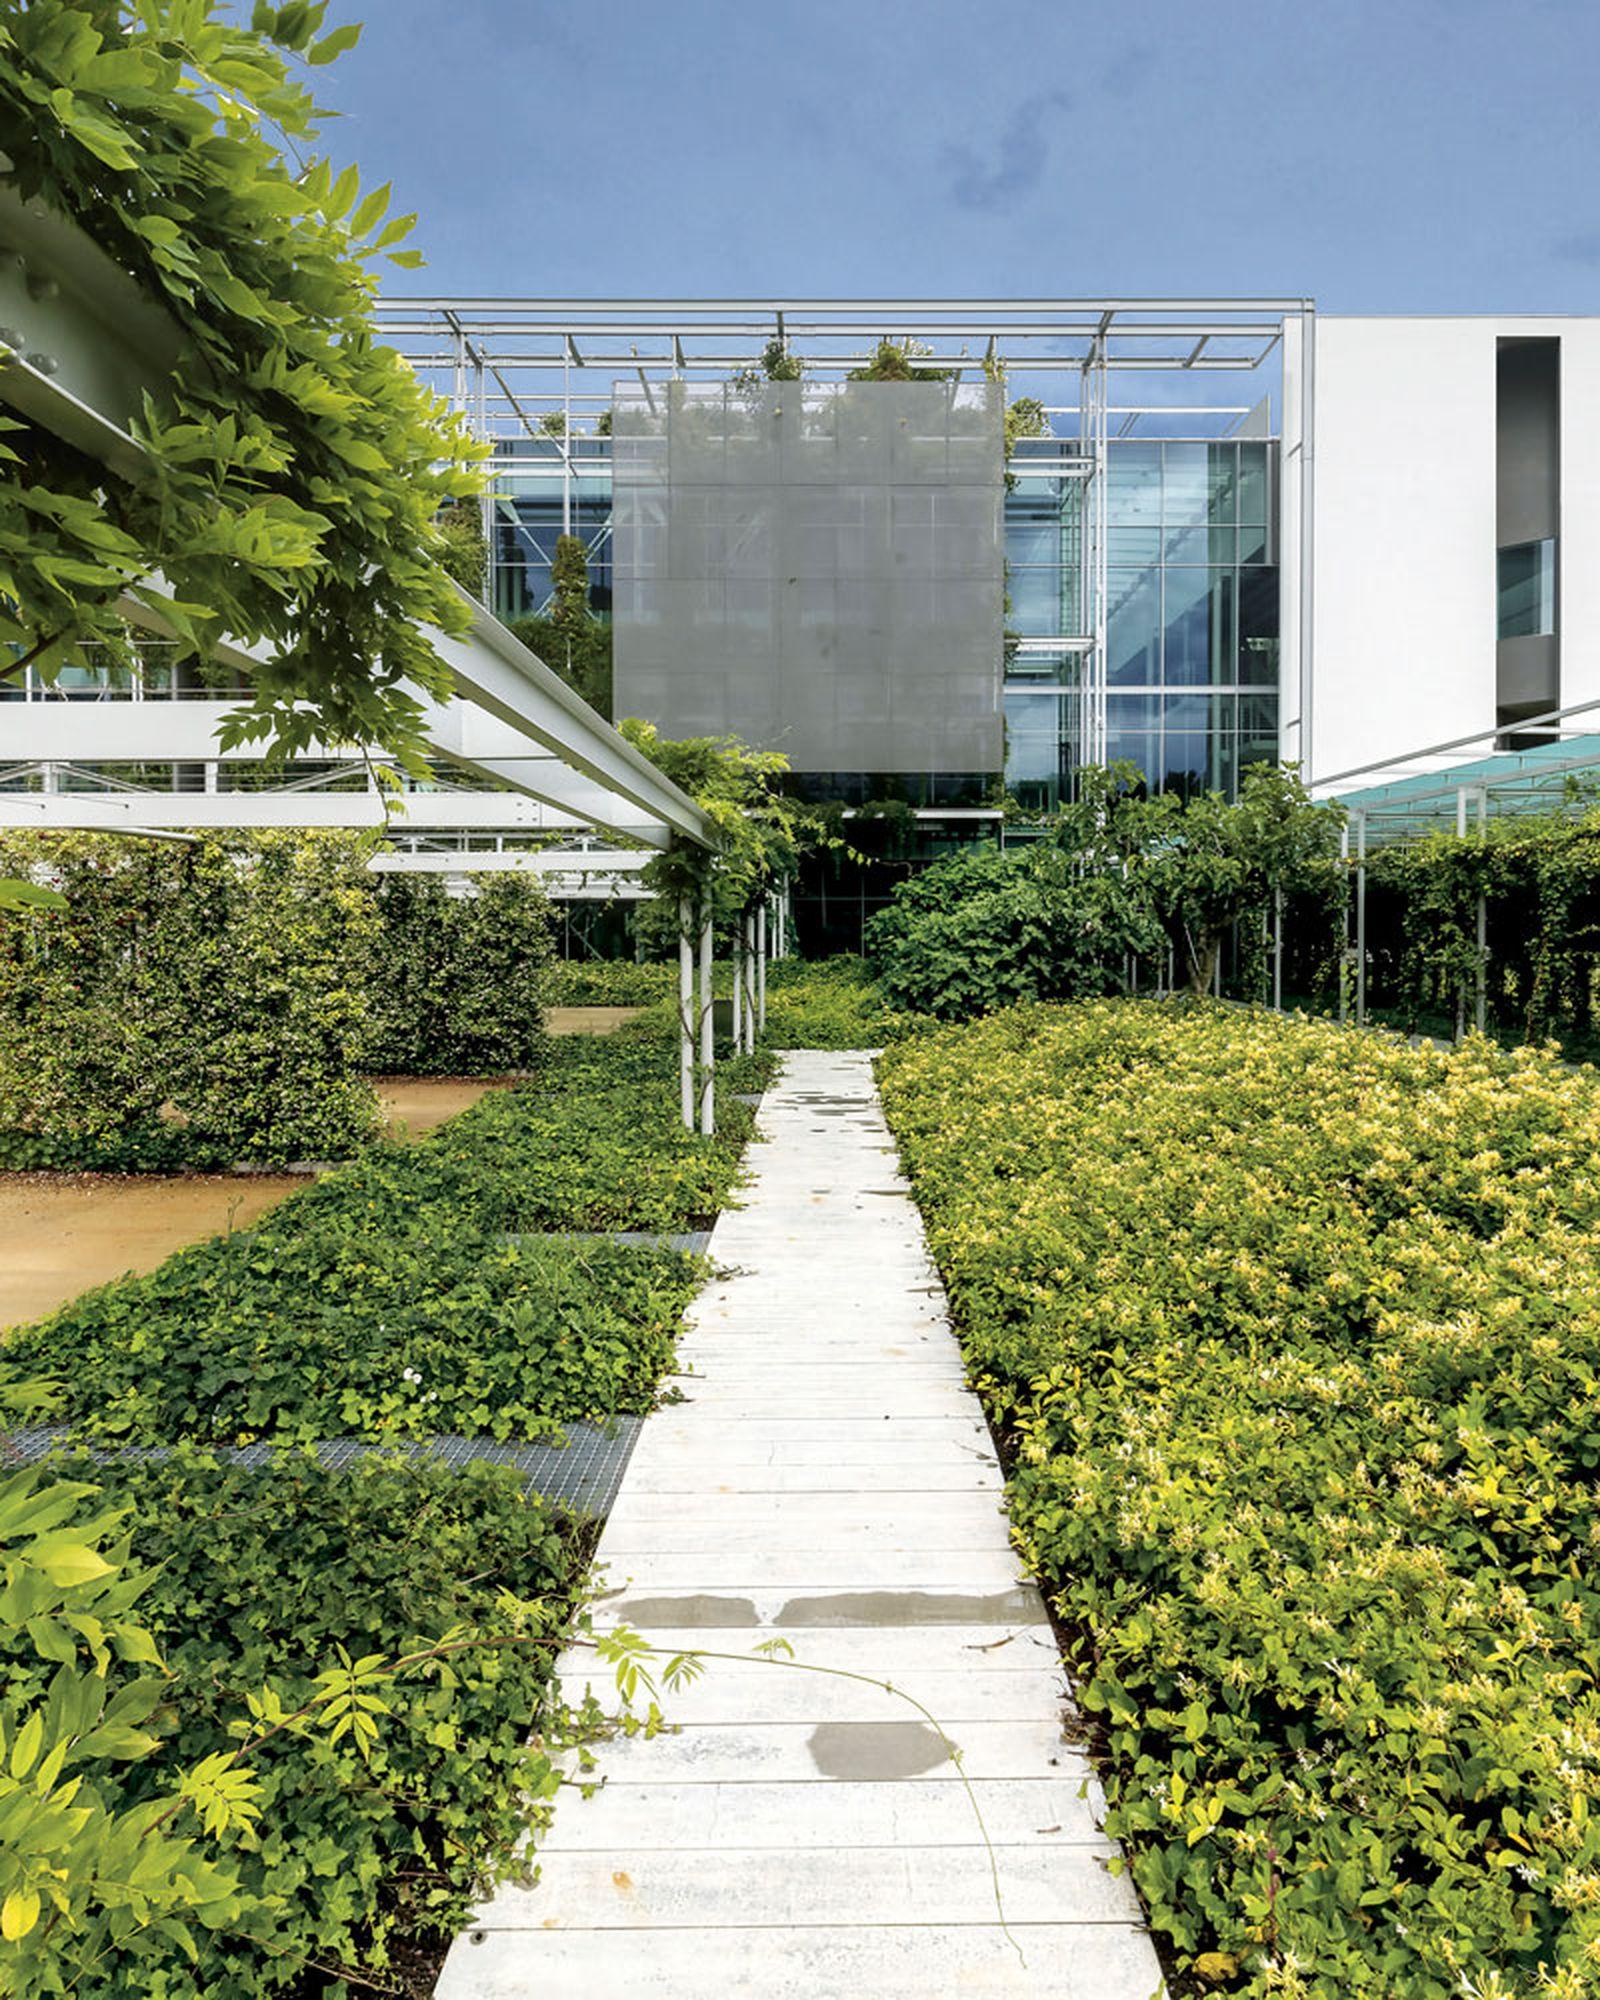 prada-hq-garden-factory-valvigna-06